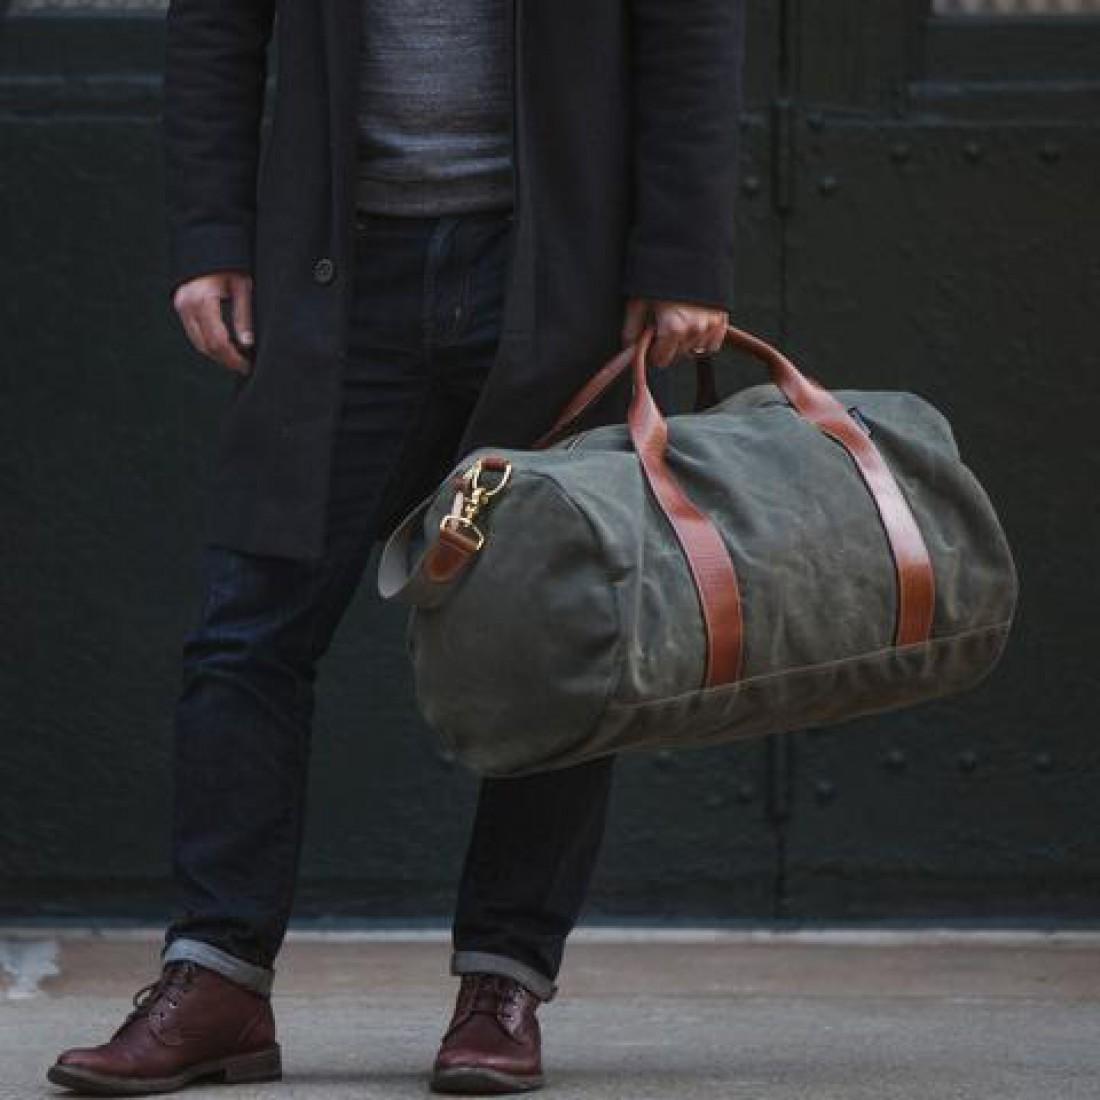 Weekender. Он же — сумка для коротких путешествий, сумка выходного дня